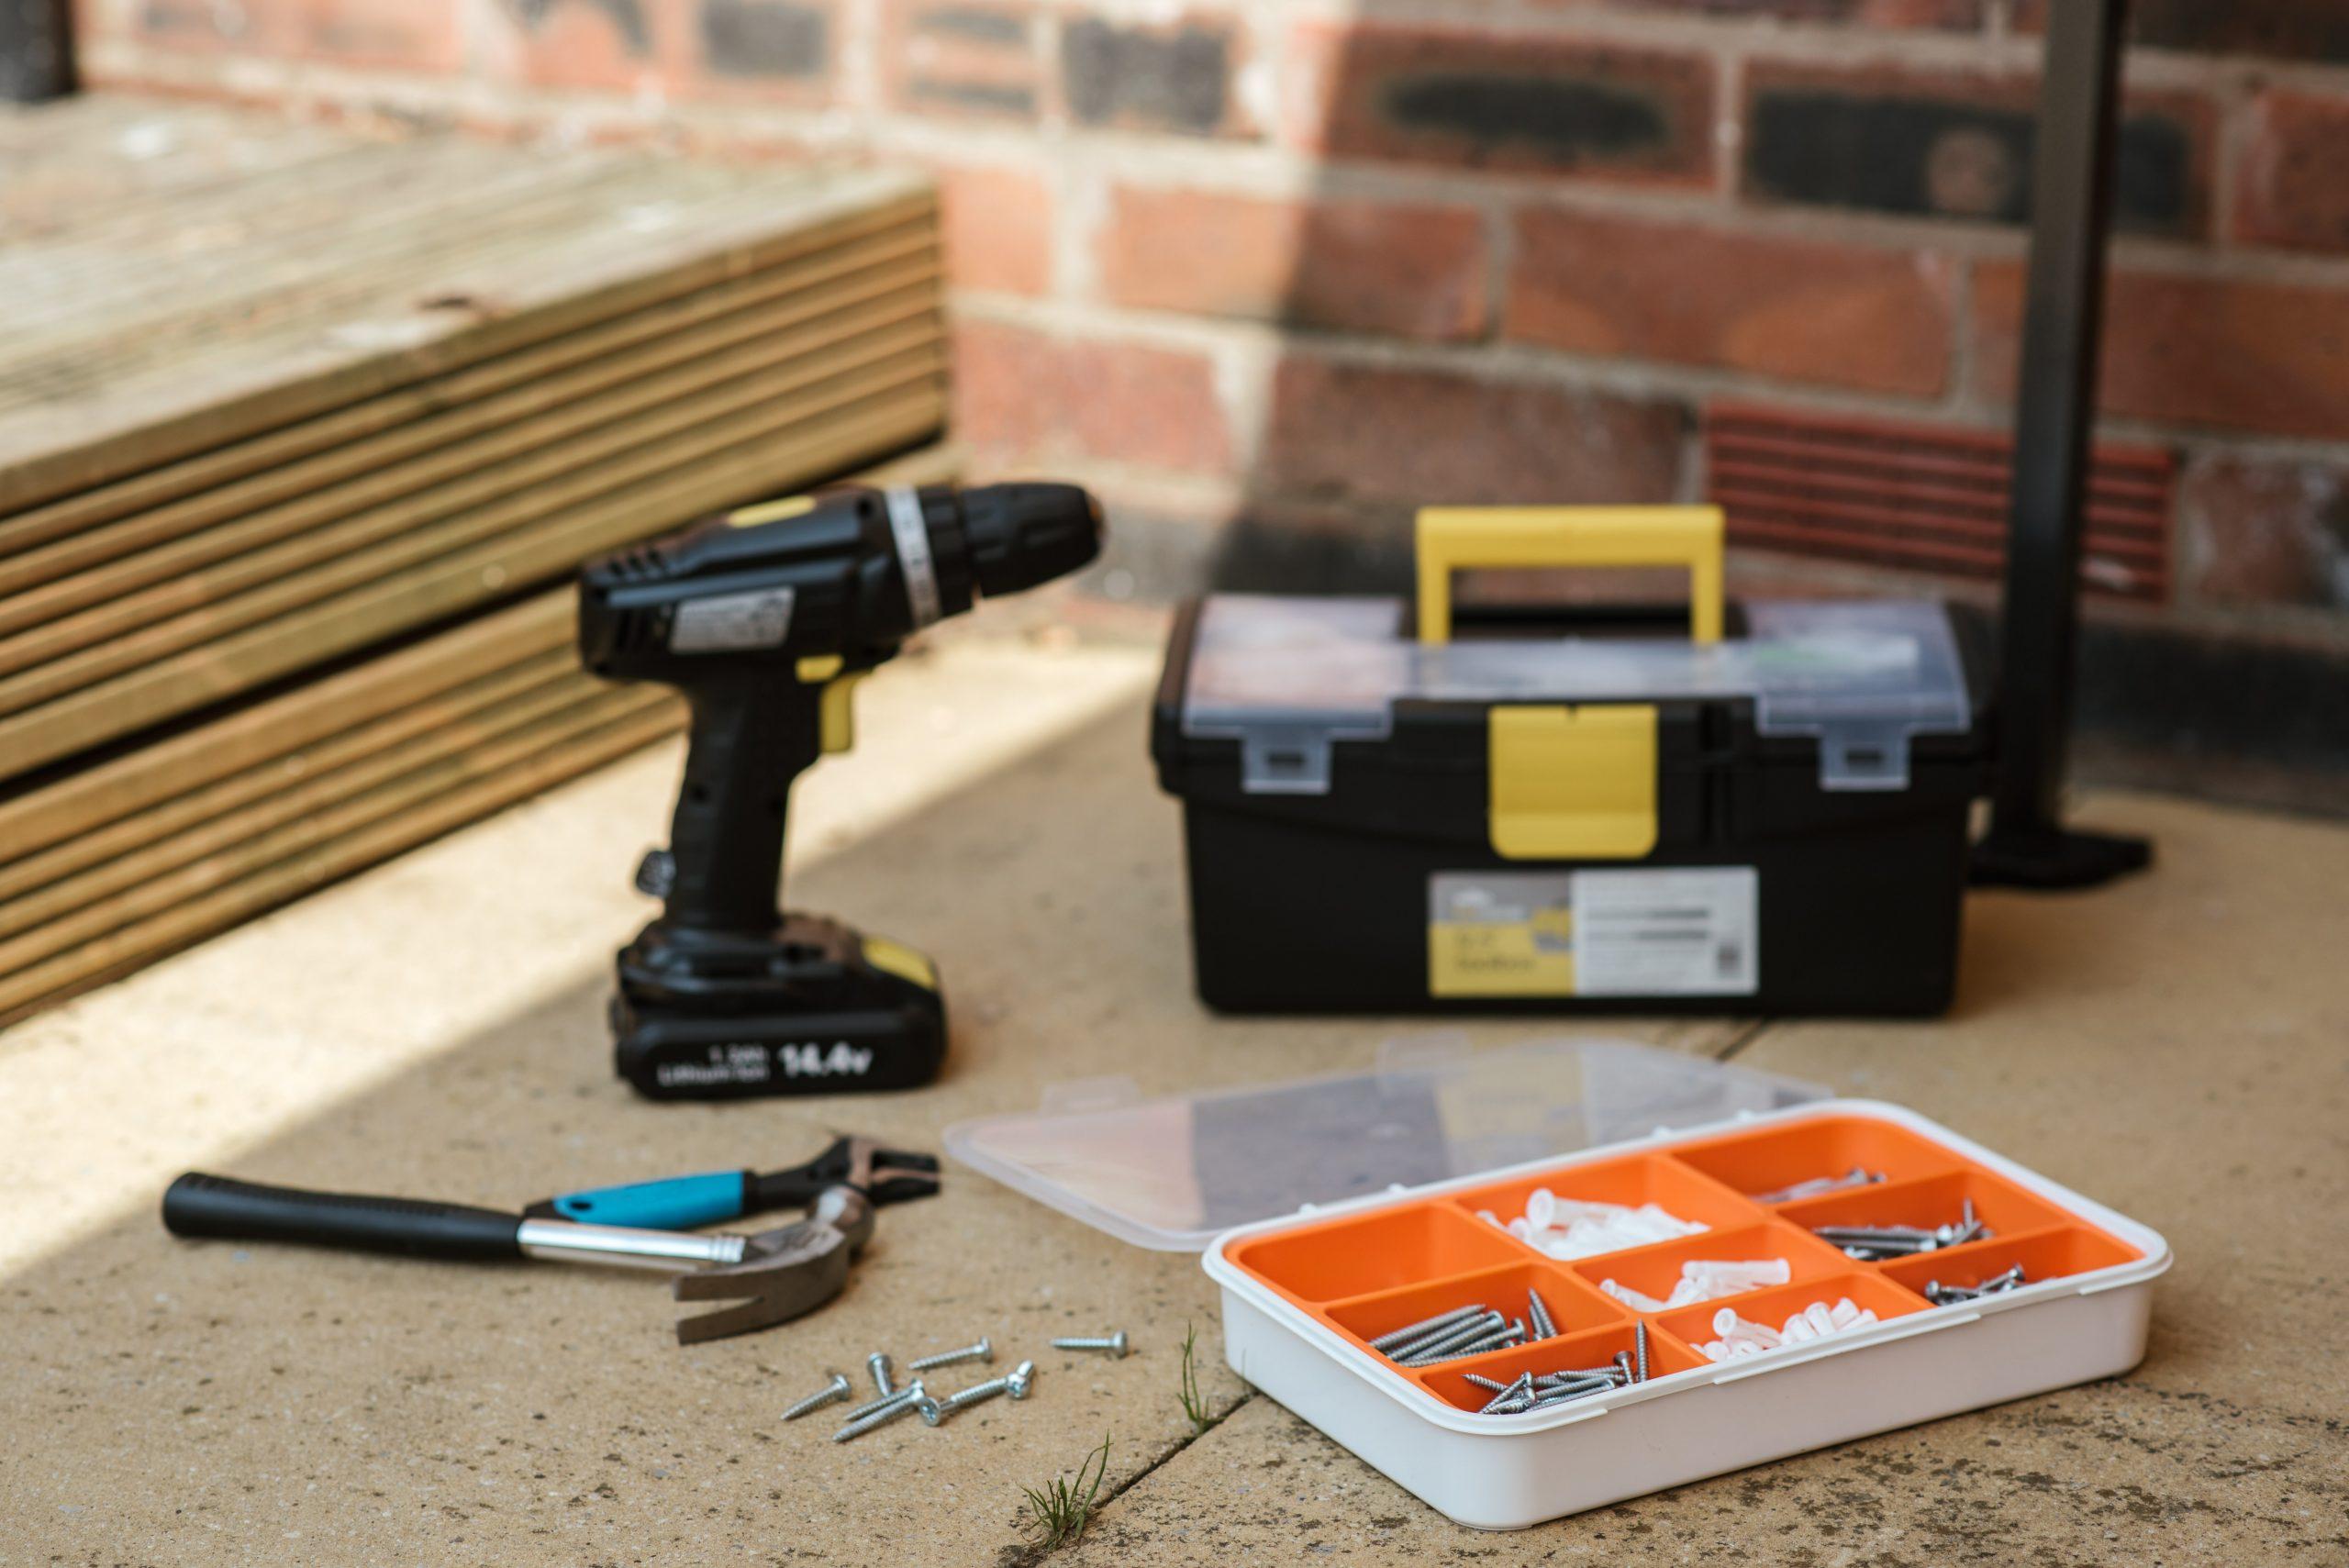 Imagem mostra uma parafusadeira junto a uma caixa de ferramentas e vários parafusos.